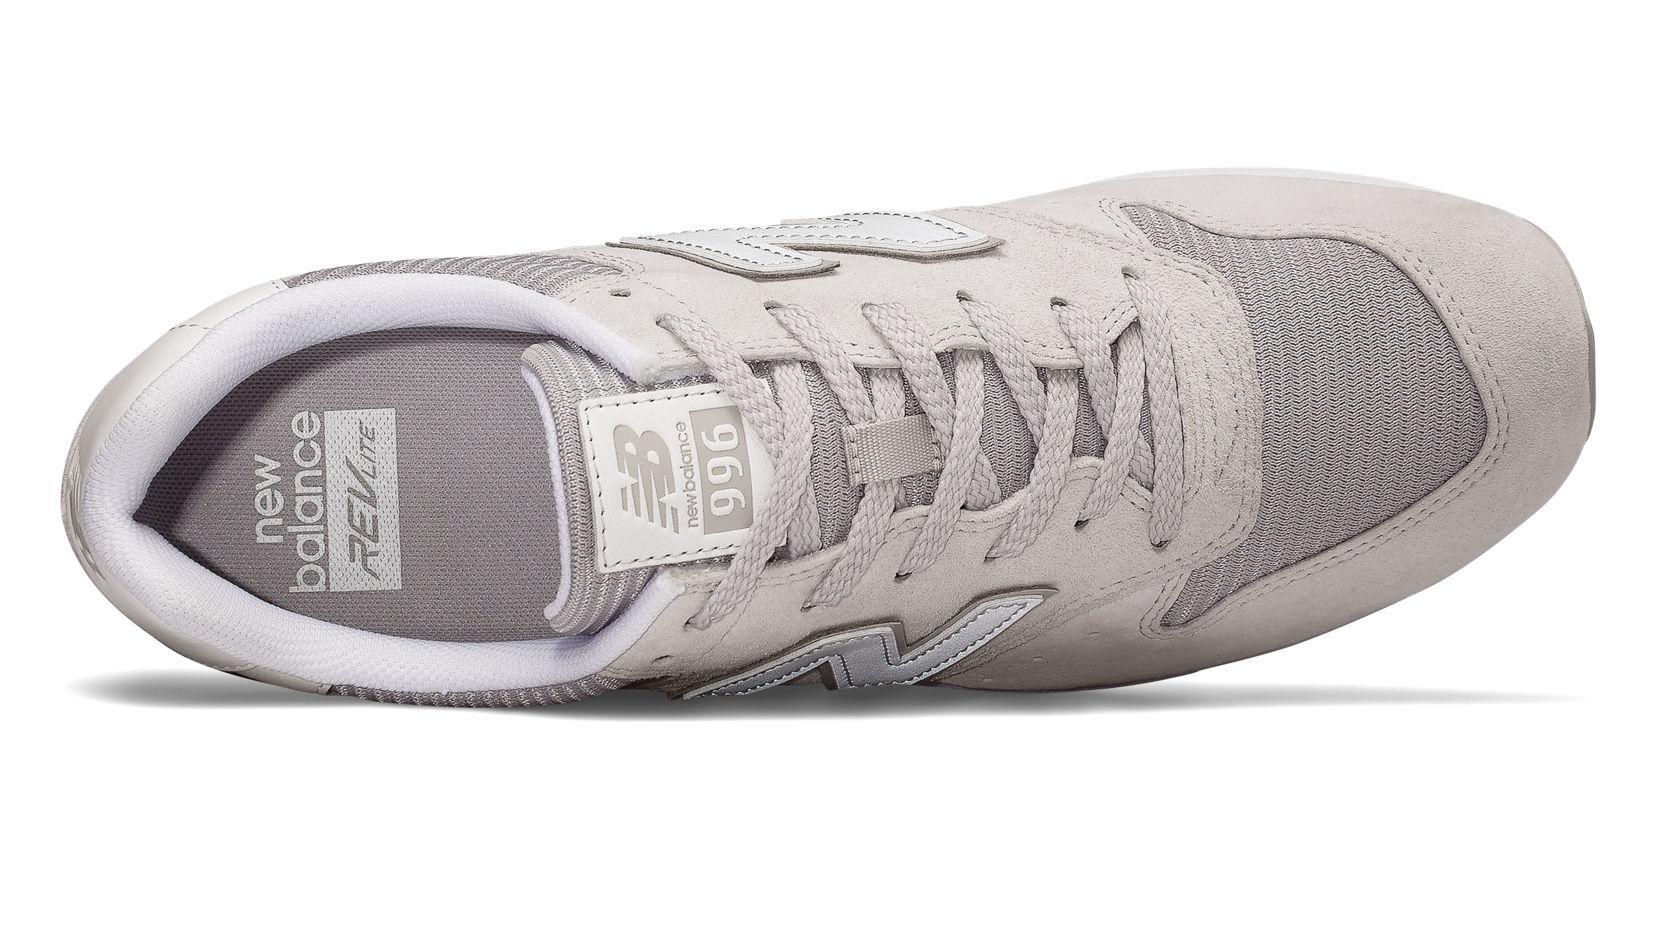 REVlite 996 Chaussures New Balance pour homme en coloris Metallic